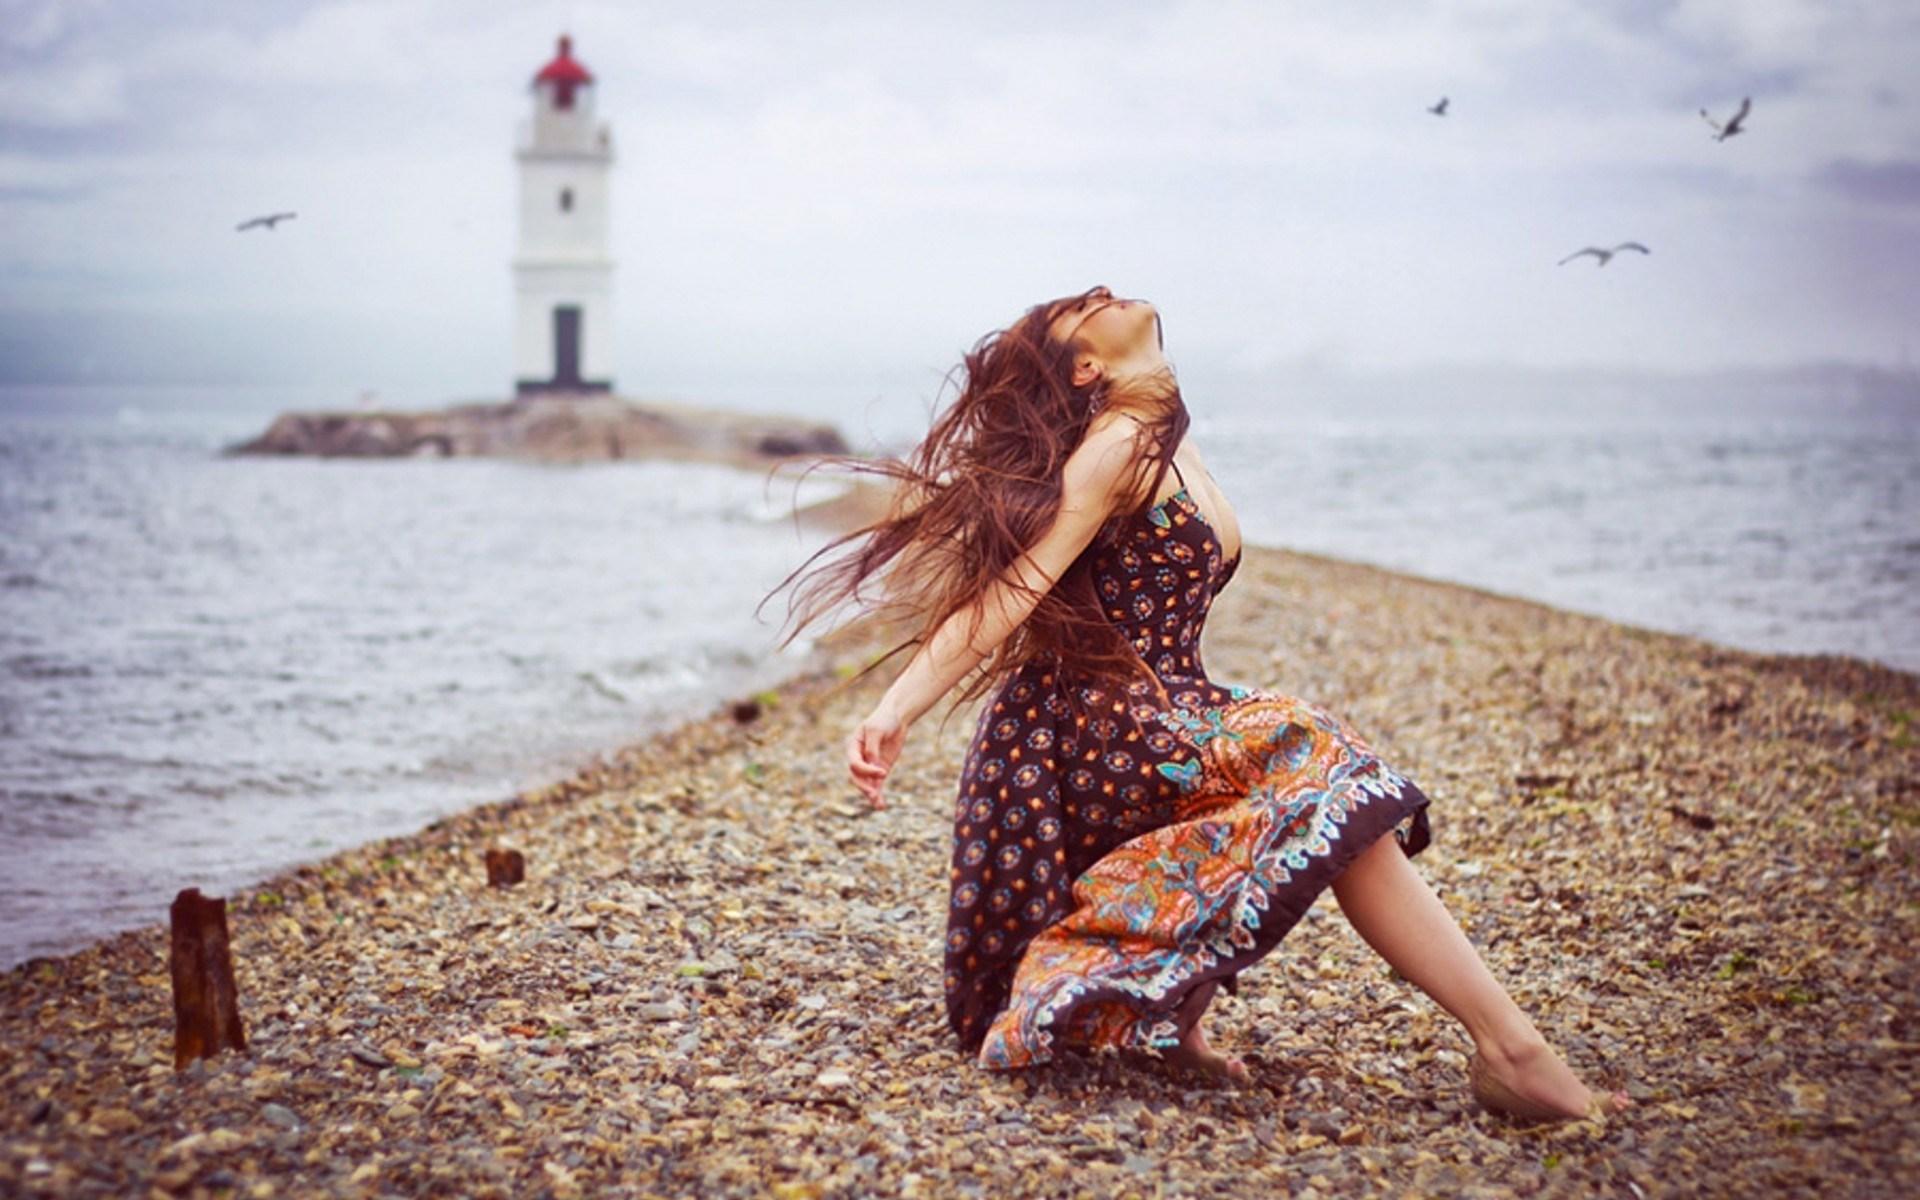 Mood The Lighthouse The Girl on The Beach Birds